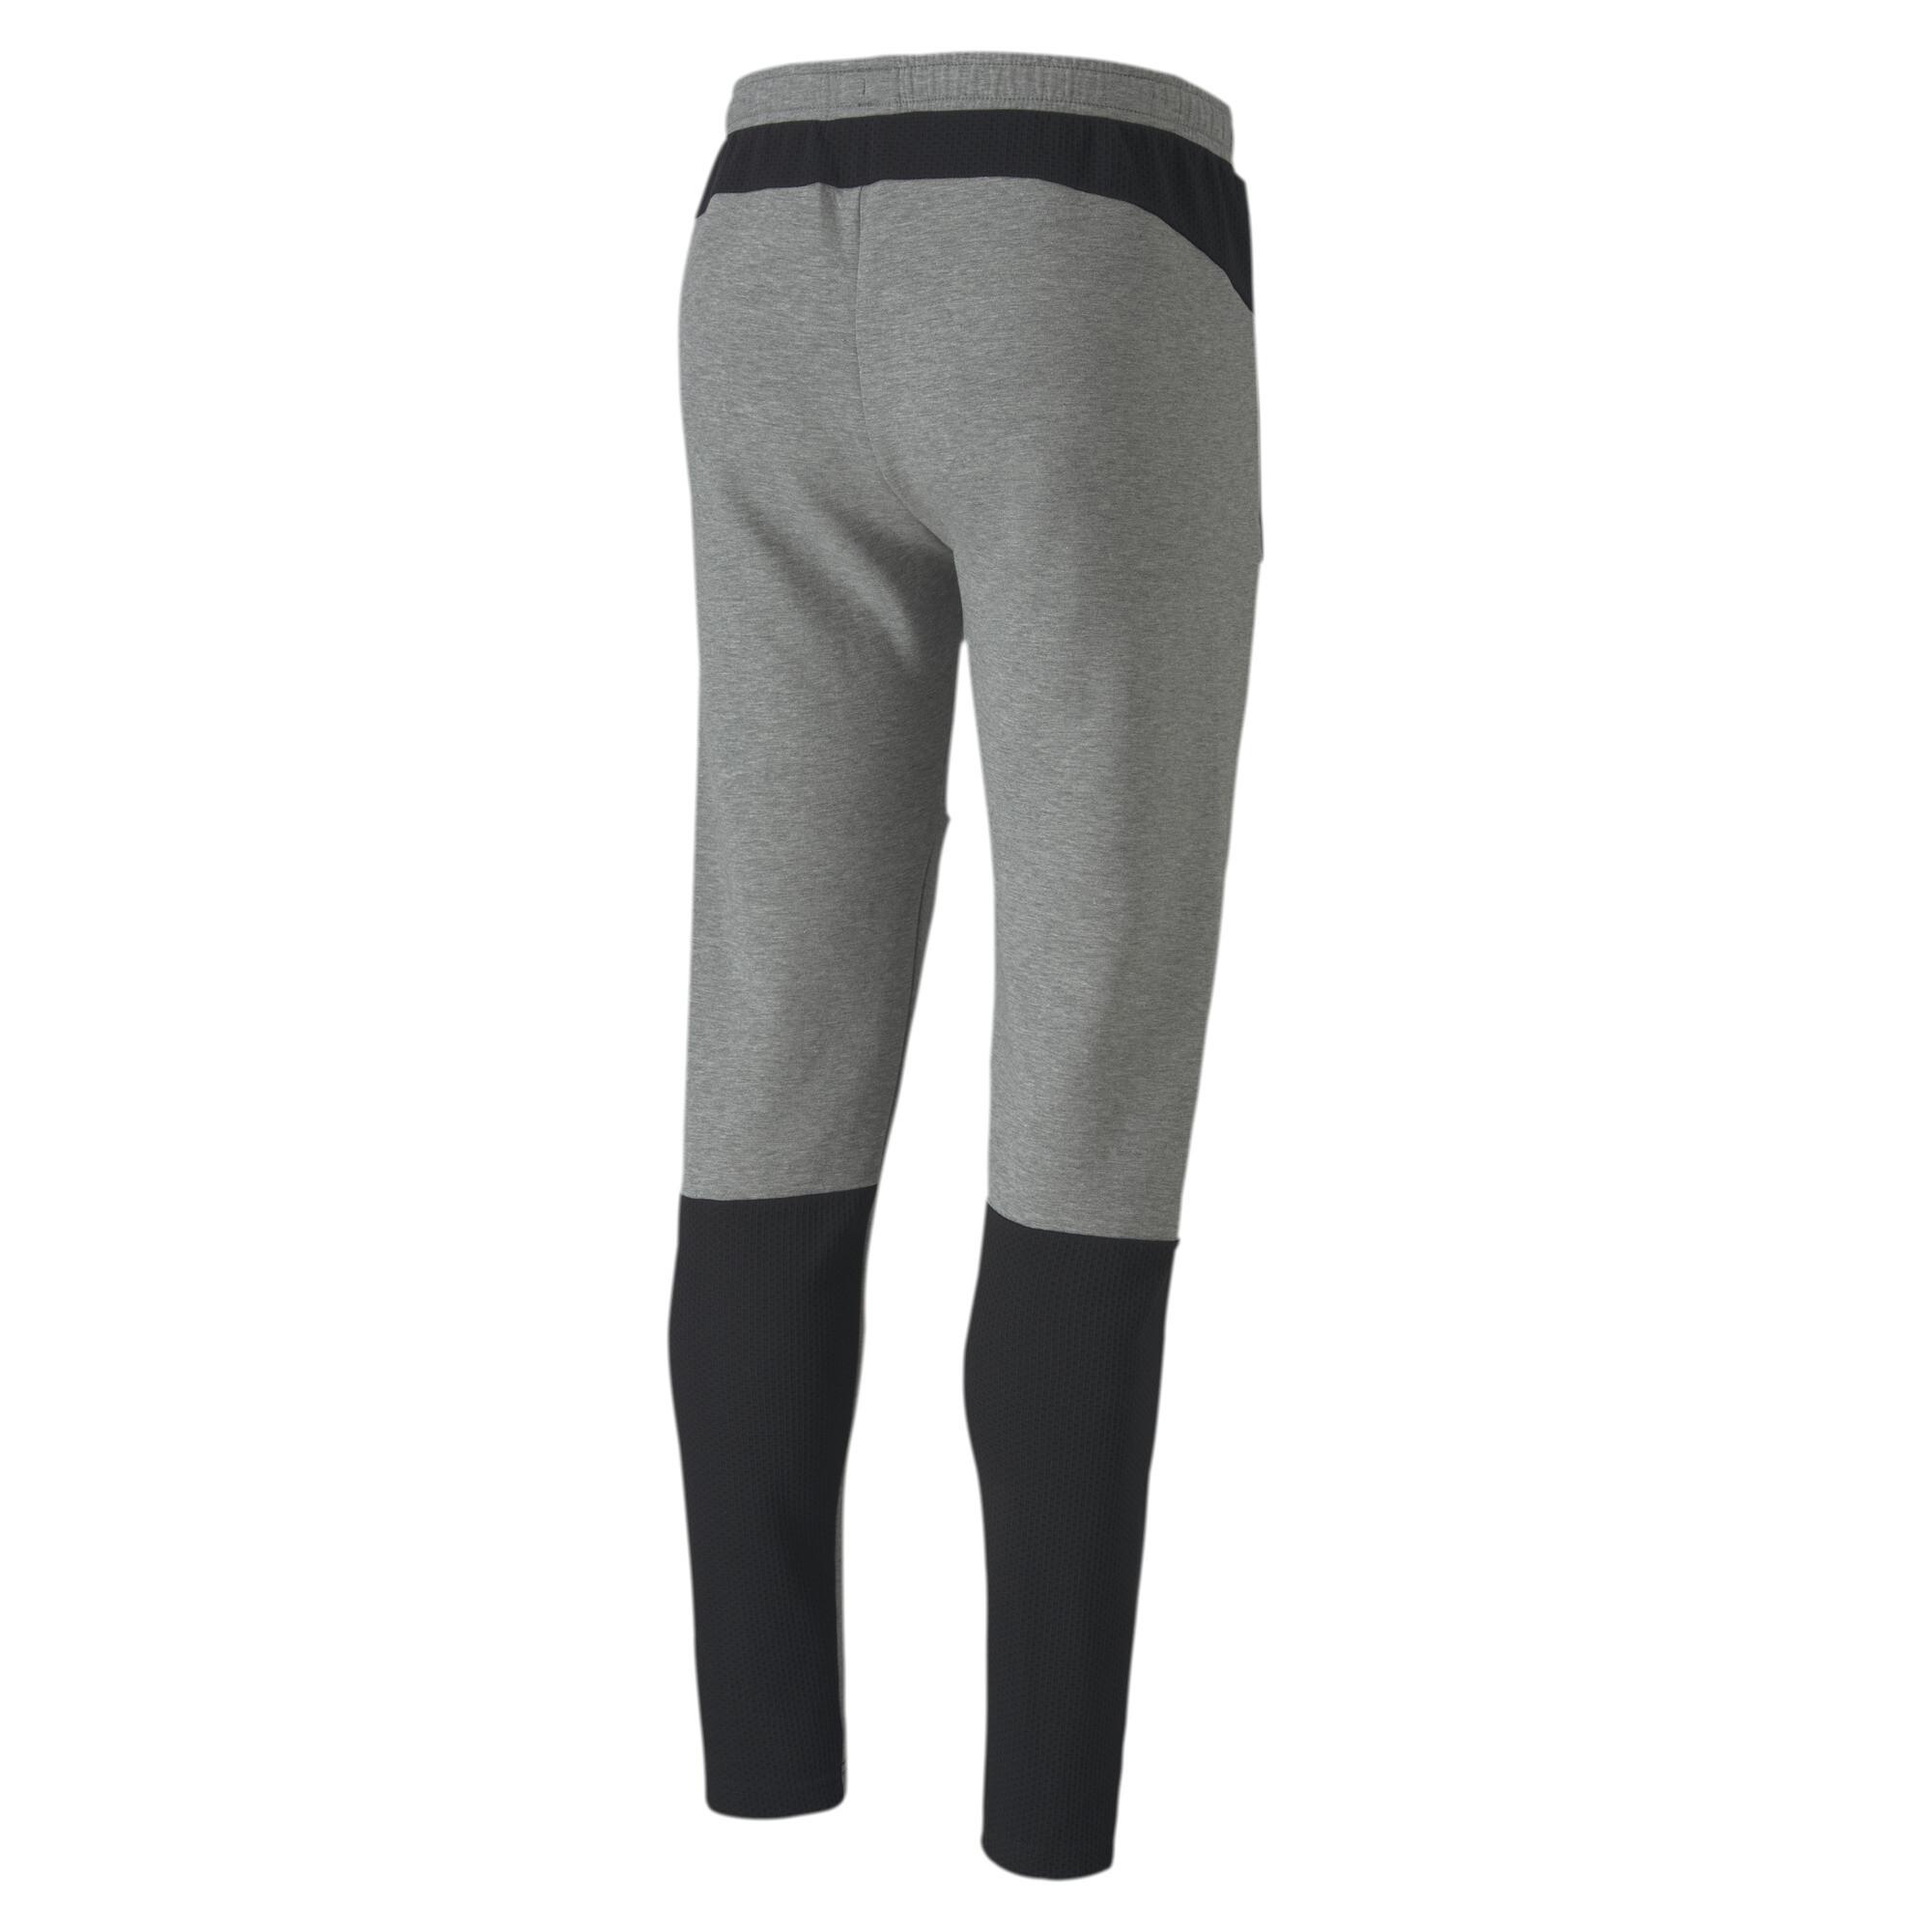 PUMA-Evostripe-Men-039-s-Sweatpants-Men-Knitted-Pants-Basics thumbnail 9